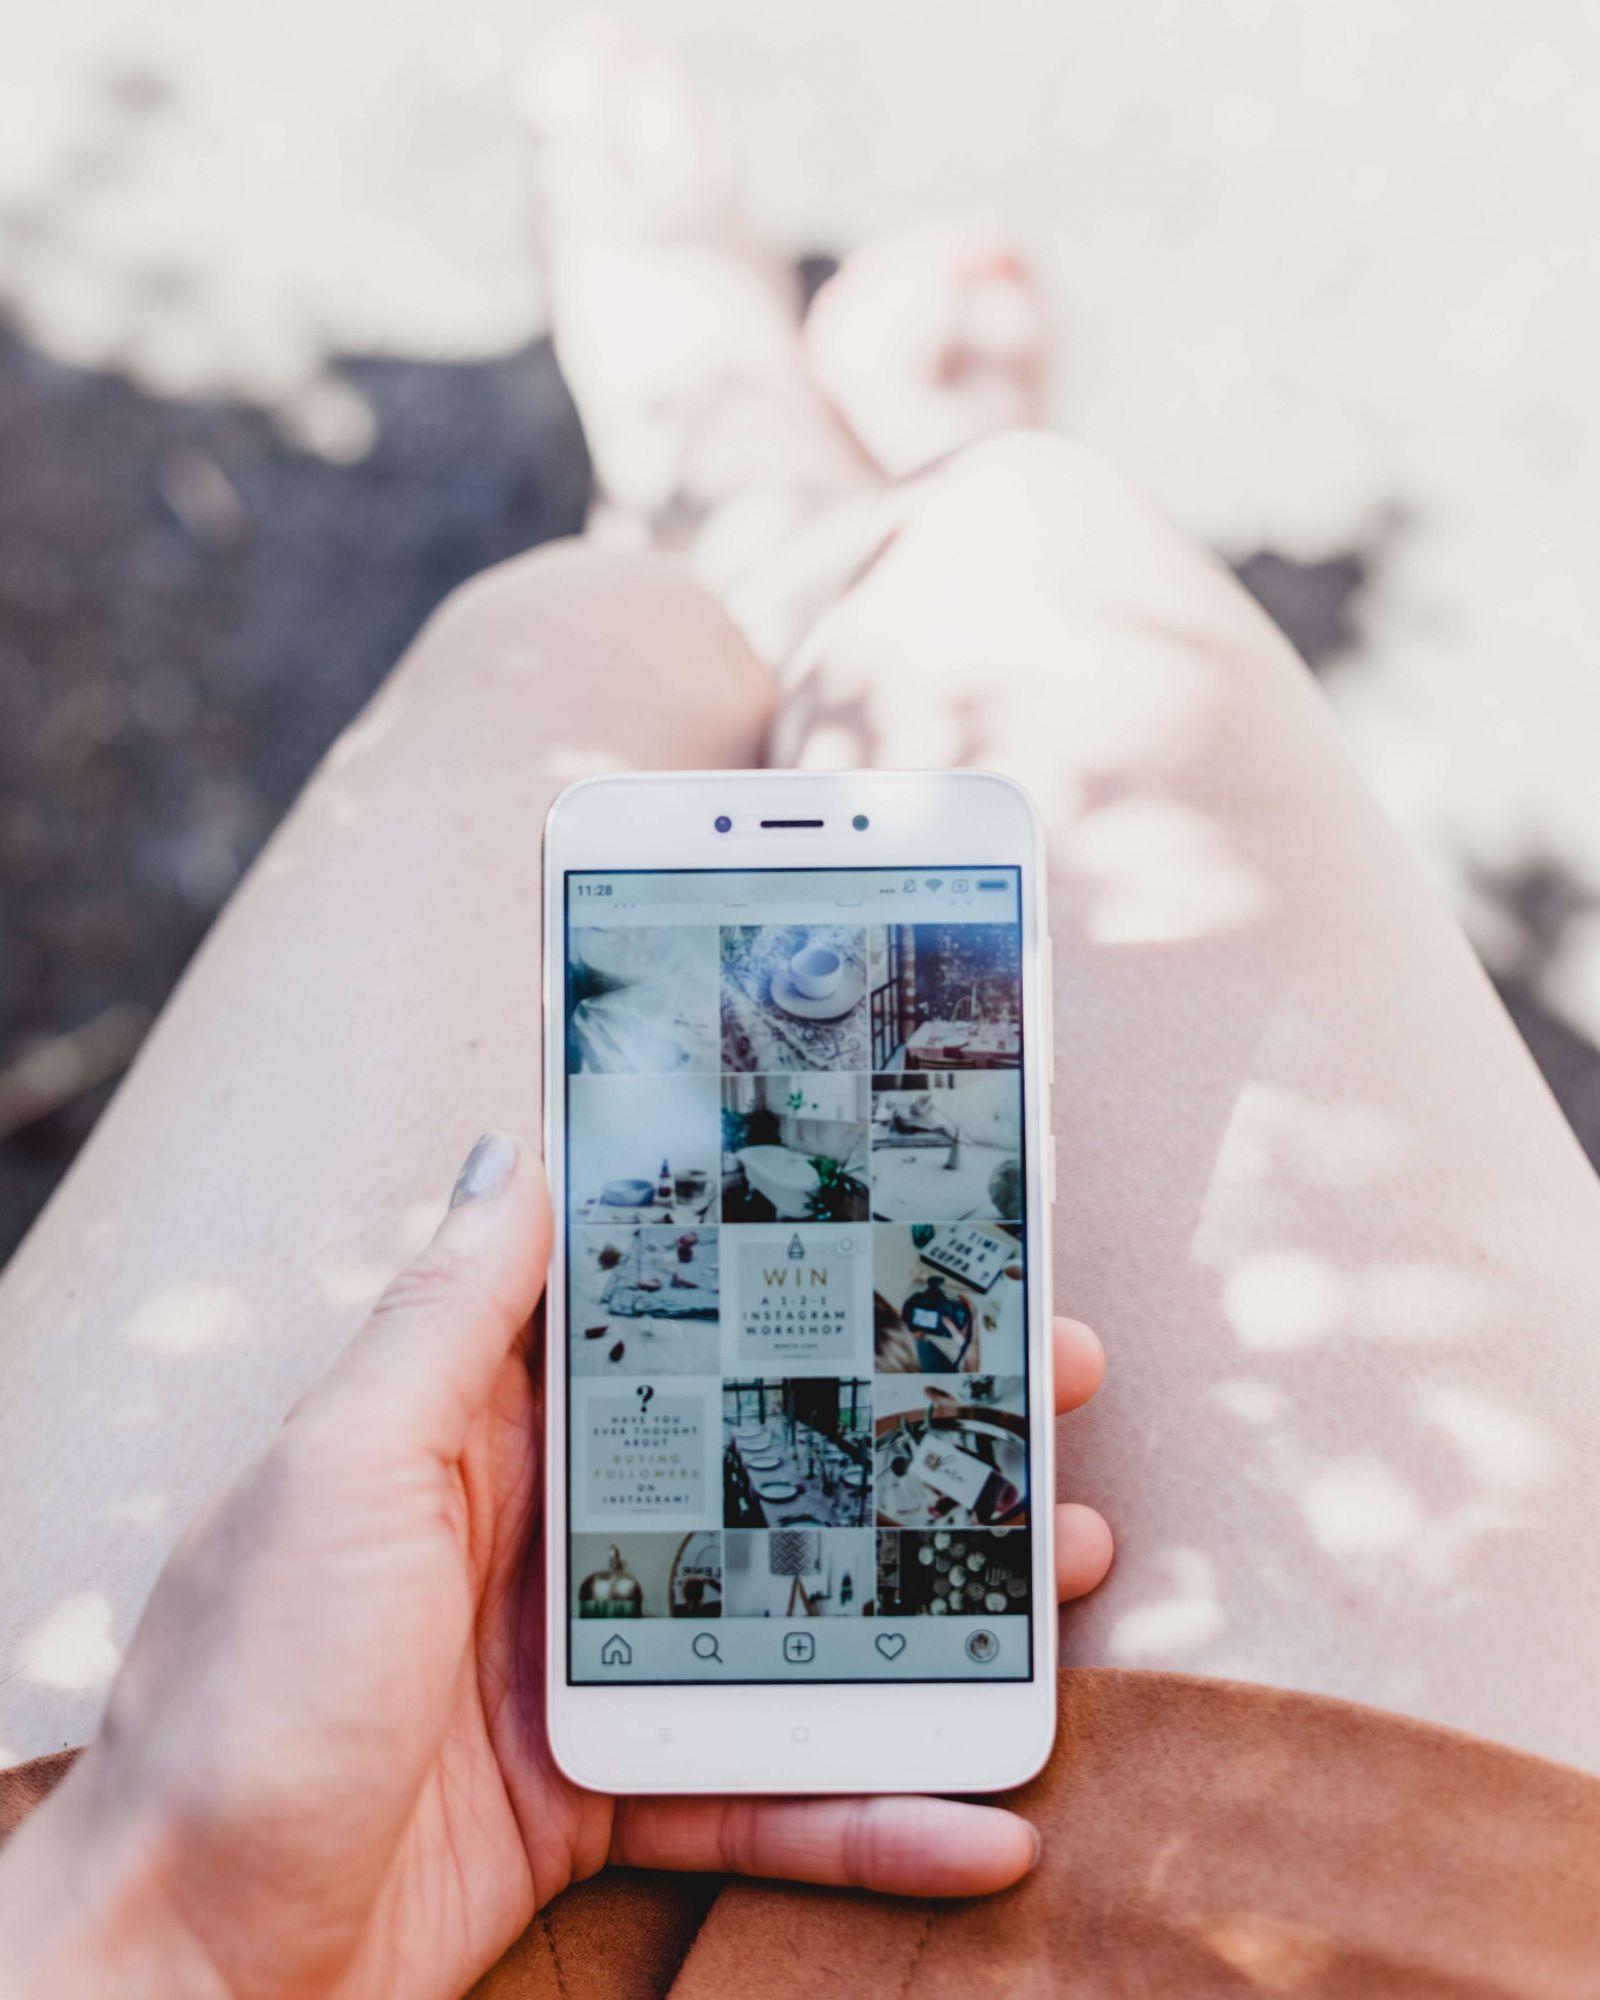 אפליקציות לעיצוב תמונות לאינסטגרם